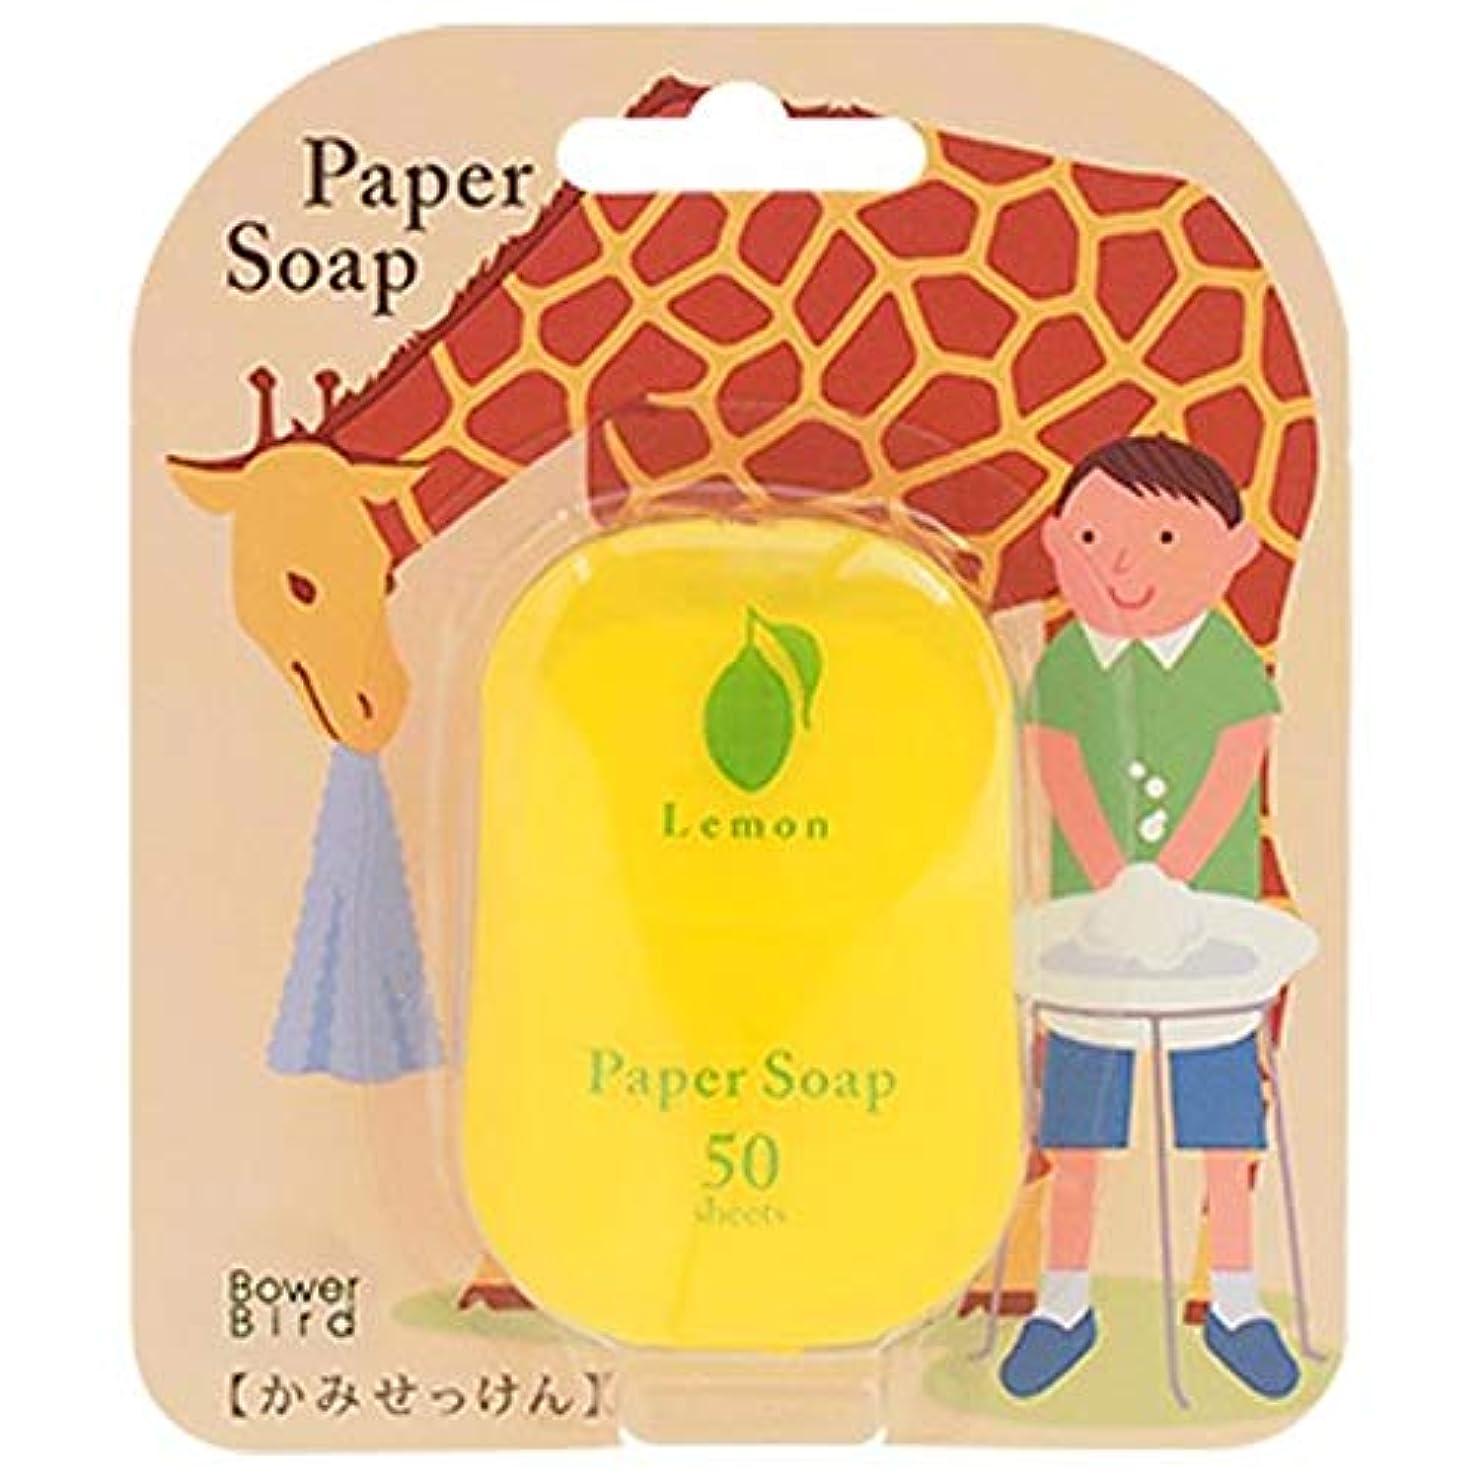 ペーパーソープ レモンの香り